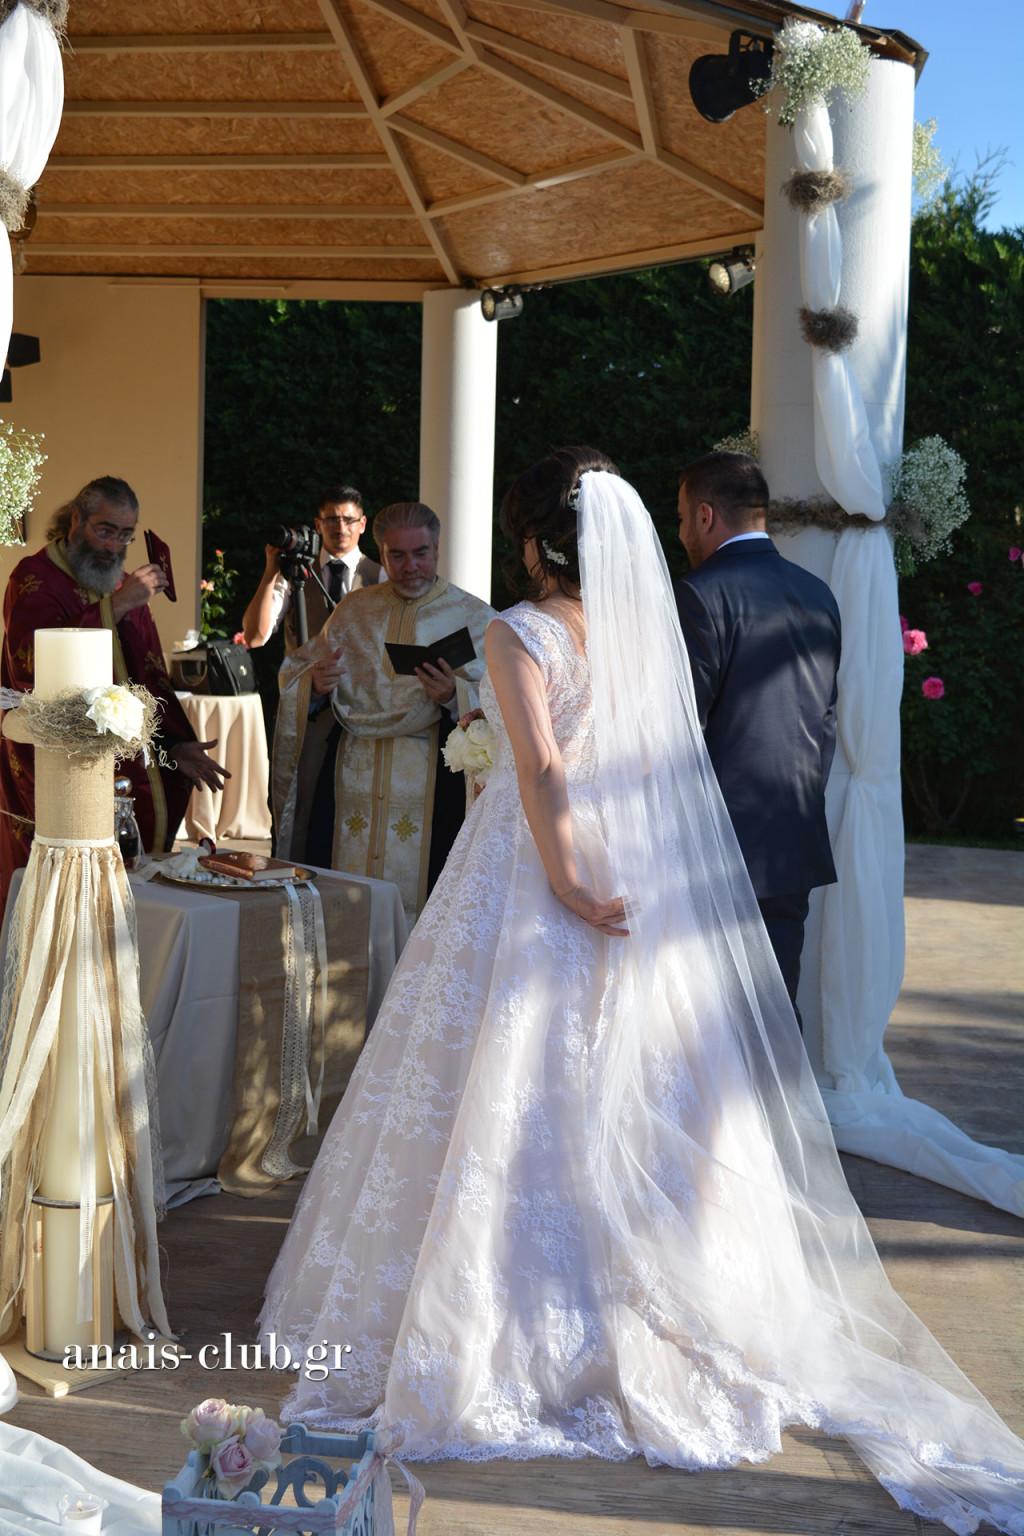 Την ώρα που το μυστήριο του γάμου ξεκινά στο εκκλησάκι του Anais Club στην Βαρυμπόμπη